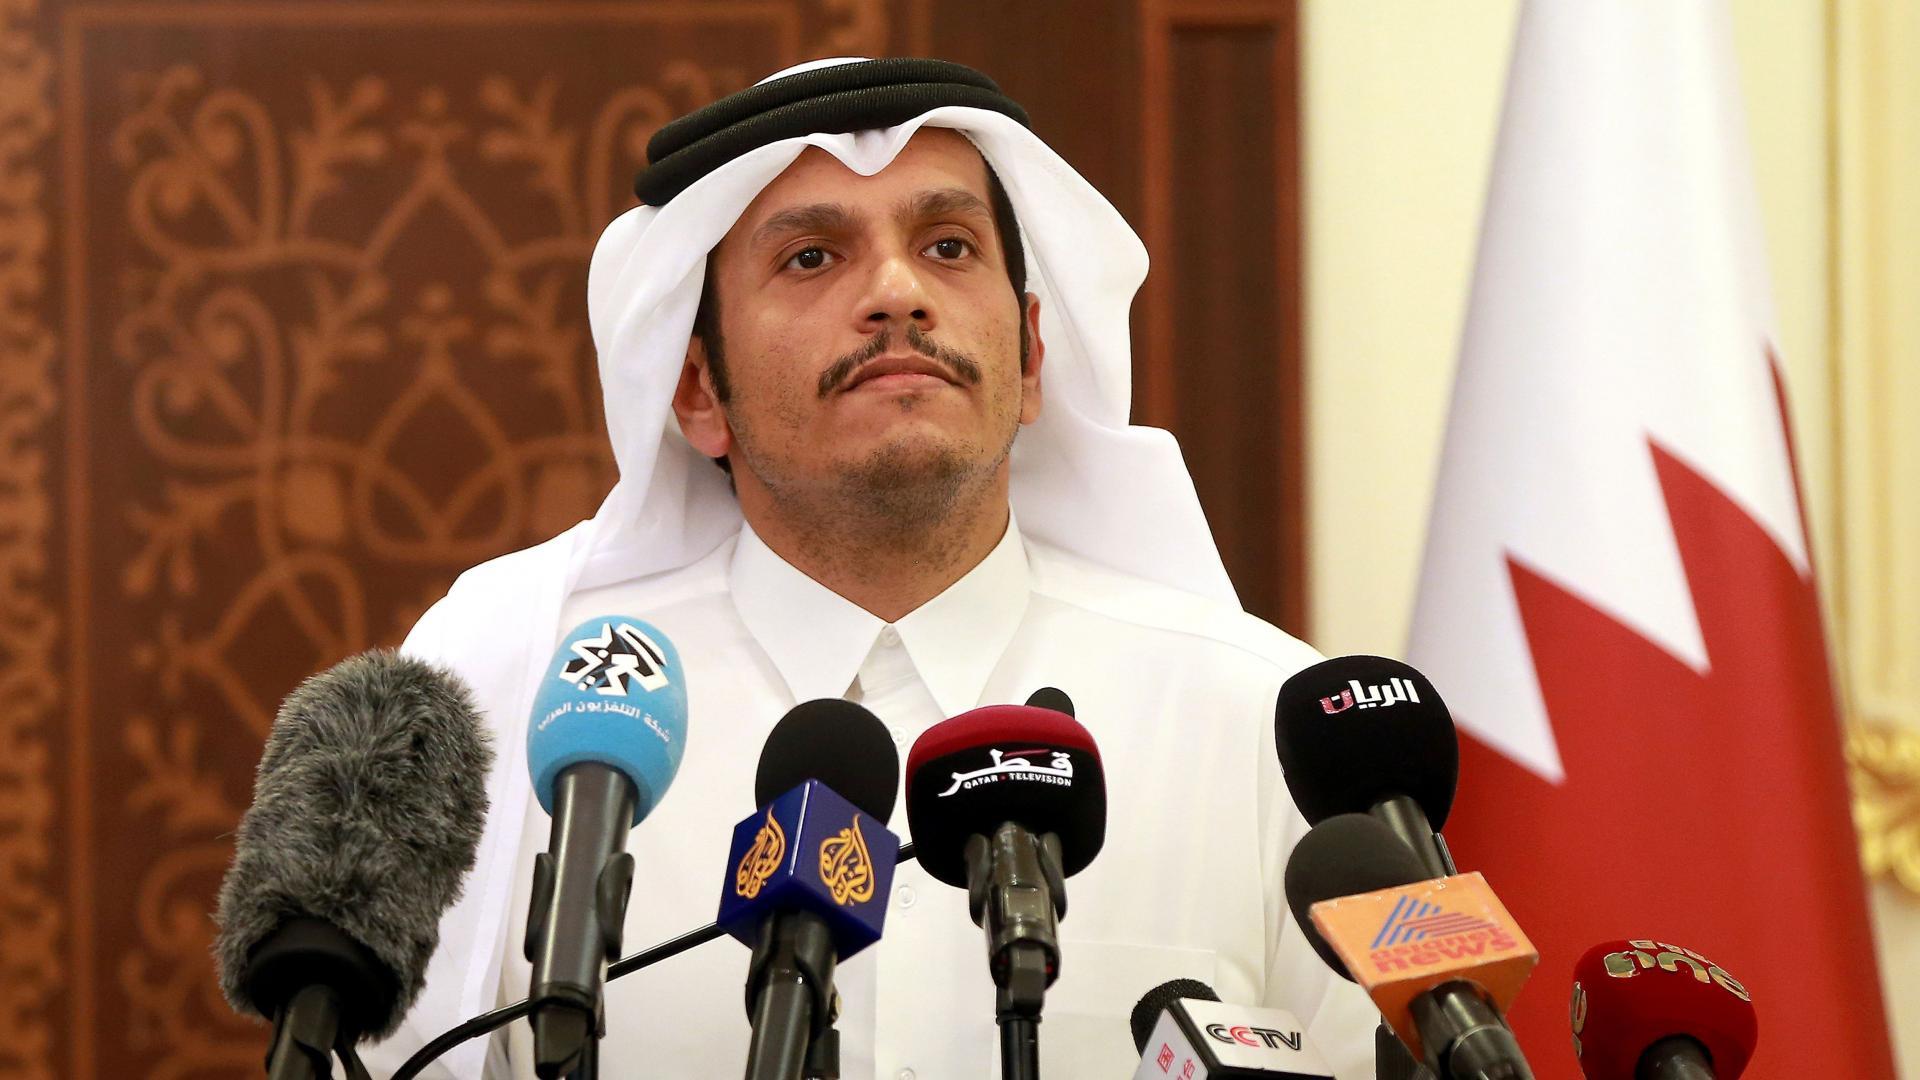 """وزير خارجية قطر عن """"إلهاء الشعوب بأزمات مفتعلة"""": الشمس لا تُغطى بغربال"""